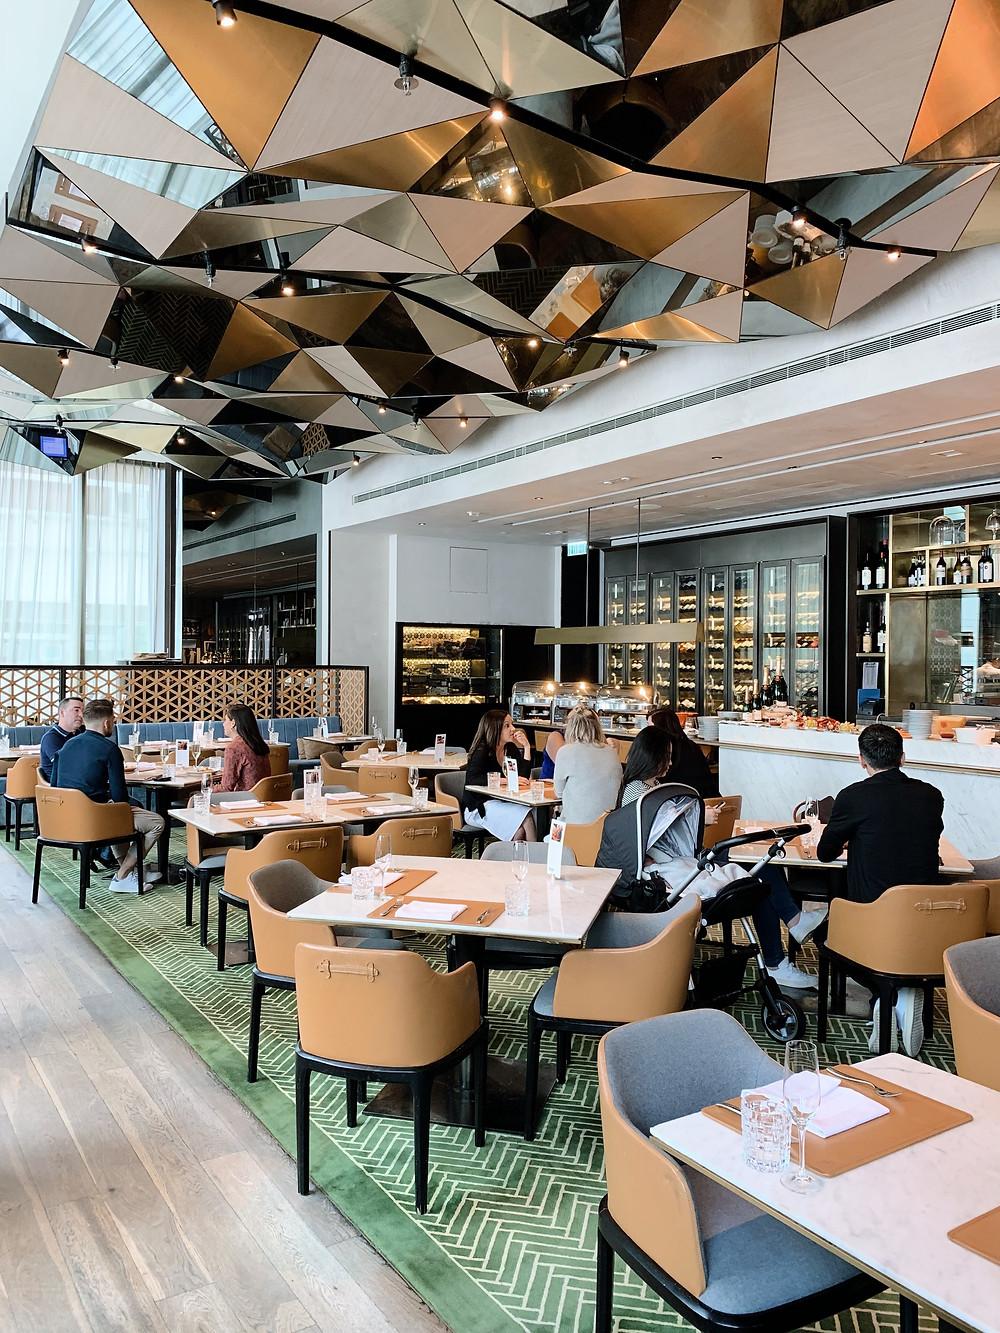 Porterhouse restaurant in Hong Kong